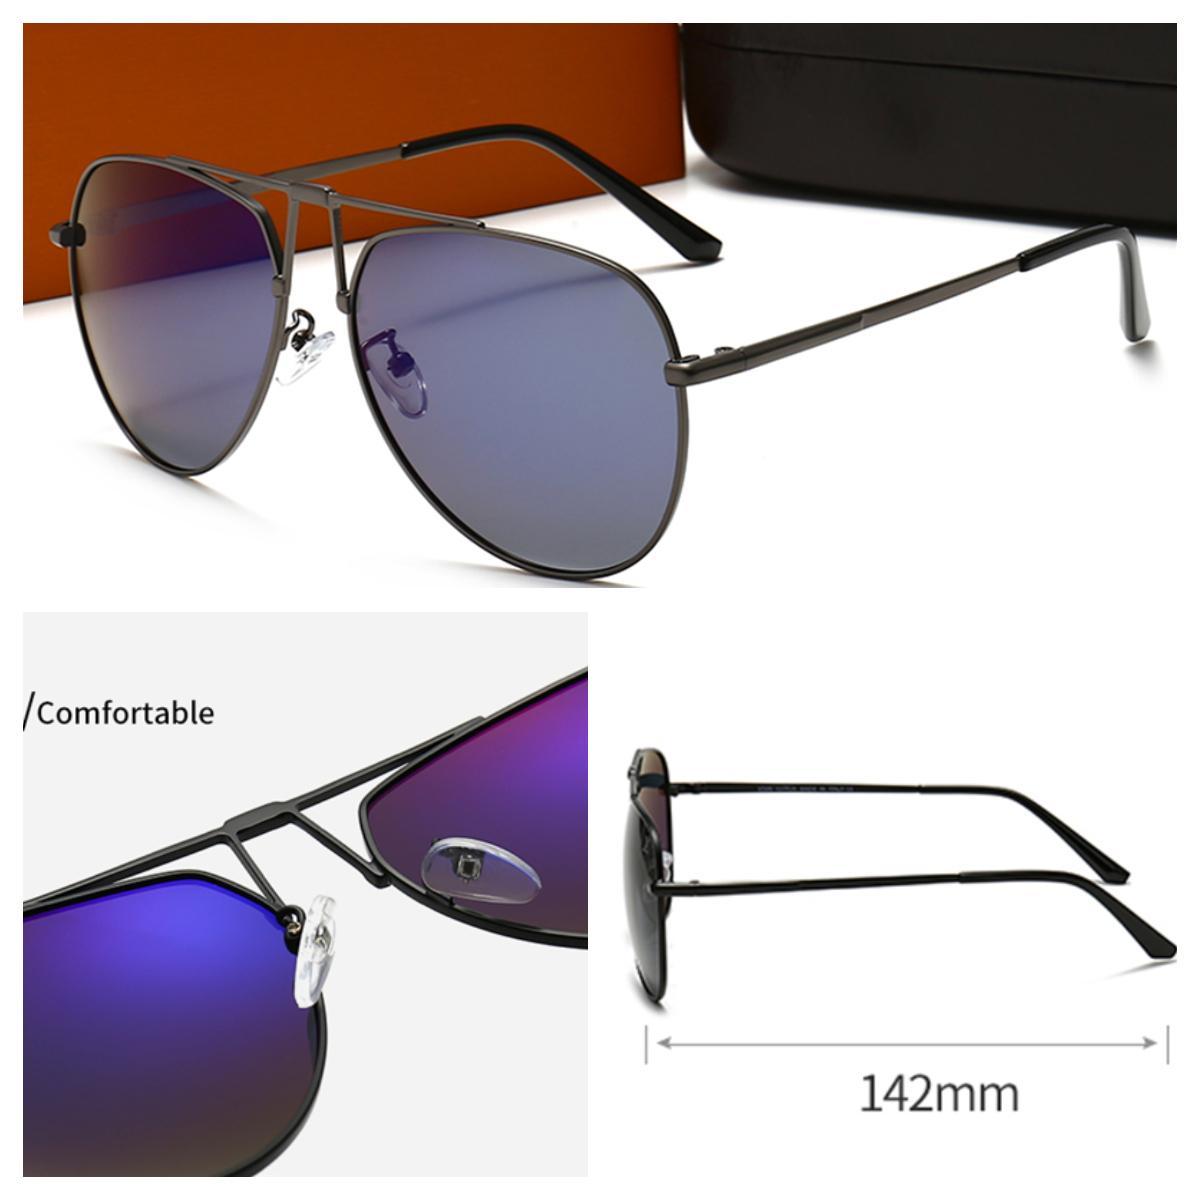 Gafas de sol para hombre Lujo Retro Polarizado Moda natural Deportes Marco completo Diseñador Gafas de sol Lentes Oro Plata Oculos